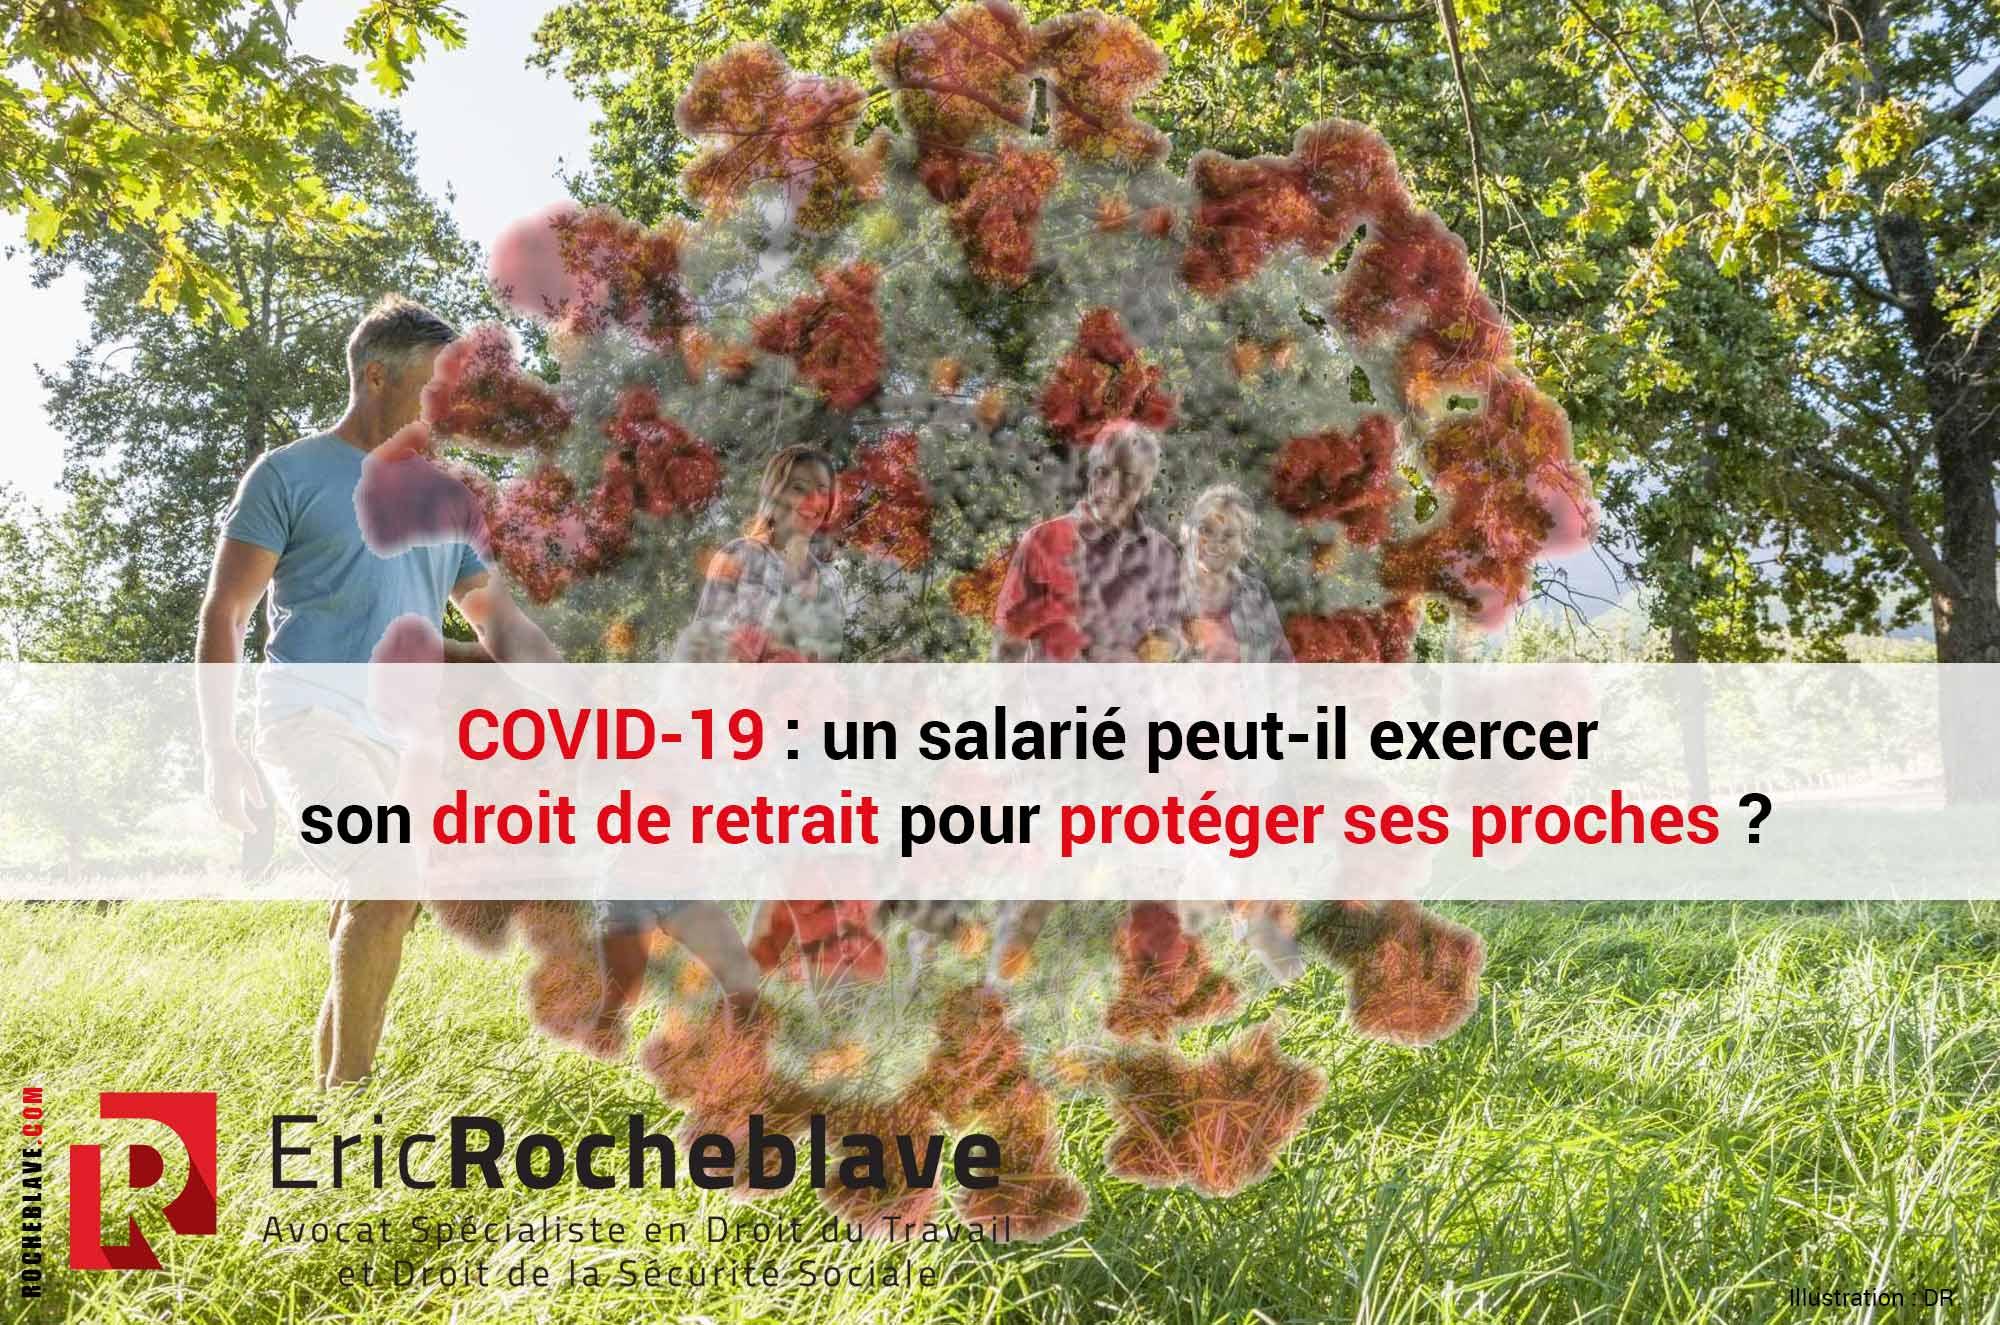 COVID-19 : un salarié peut-il exercer son droit de retrait pour protéger ses proches ?